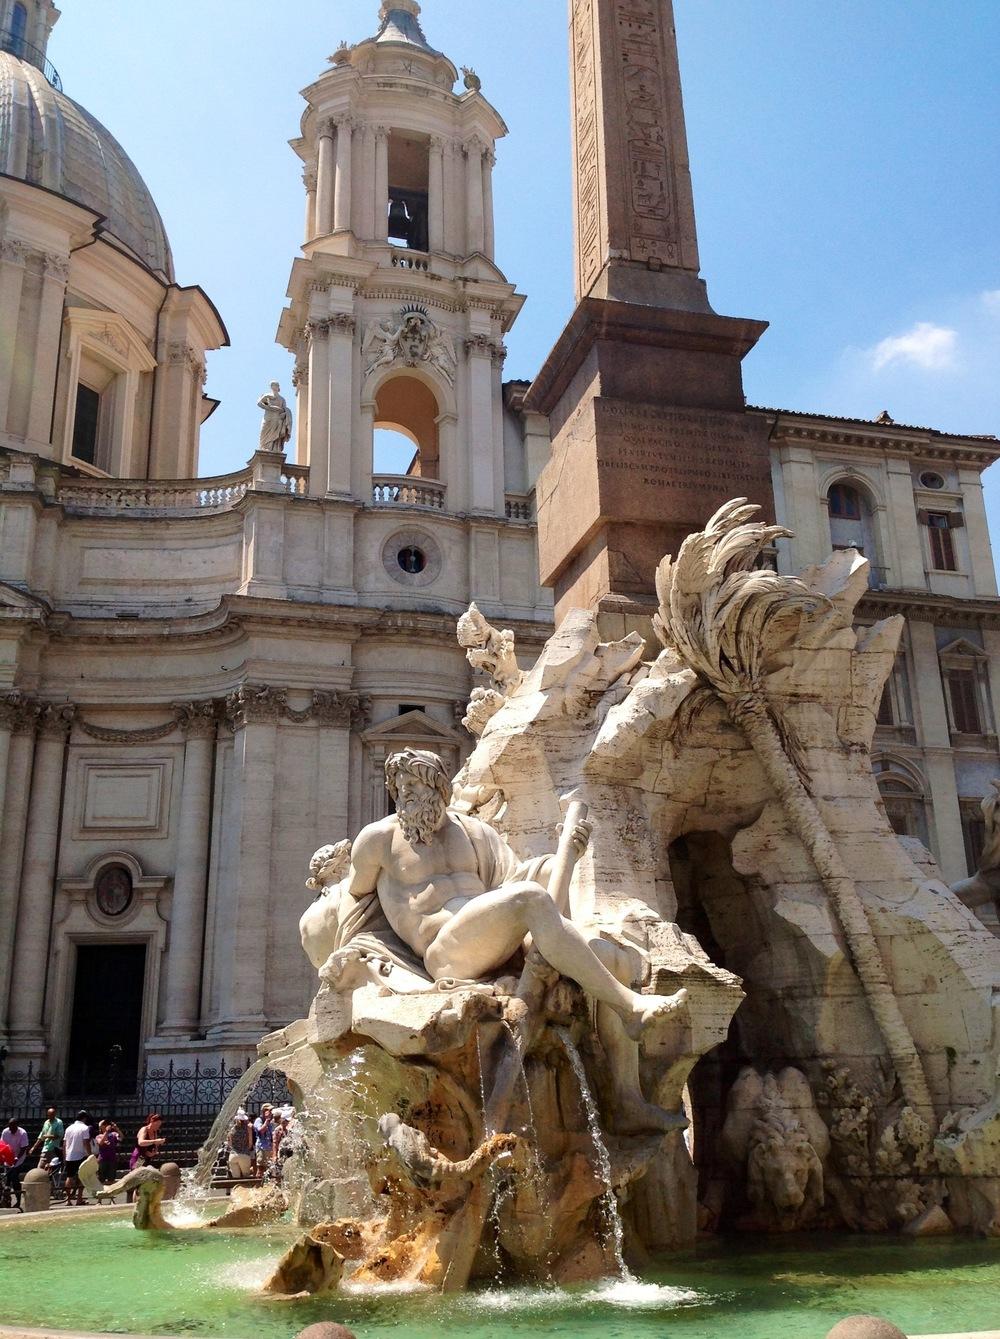 Bernini'sFontana del Quattro Fiumi